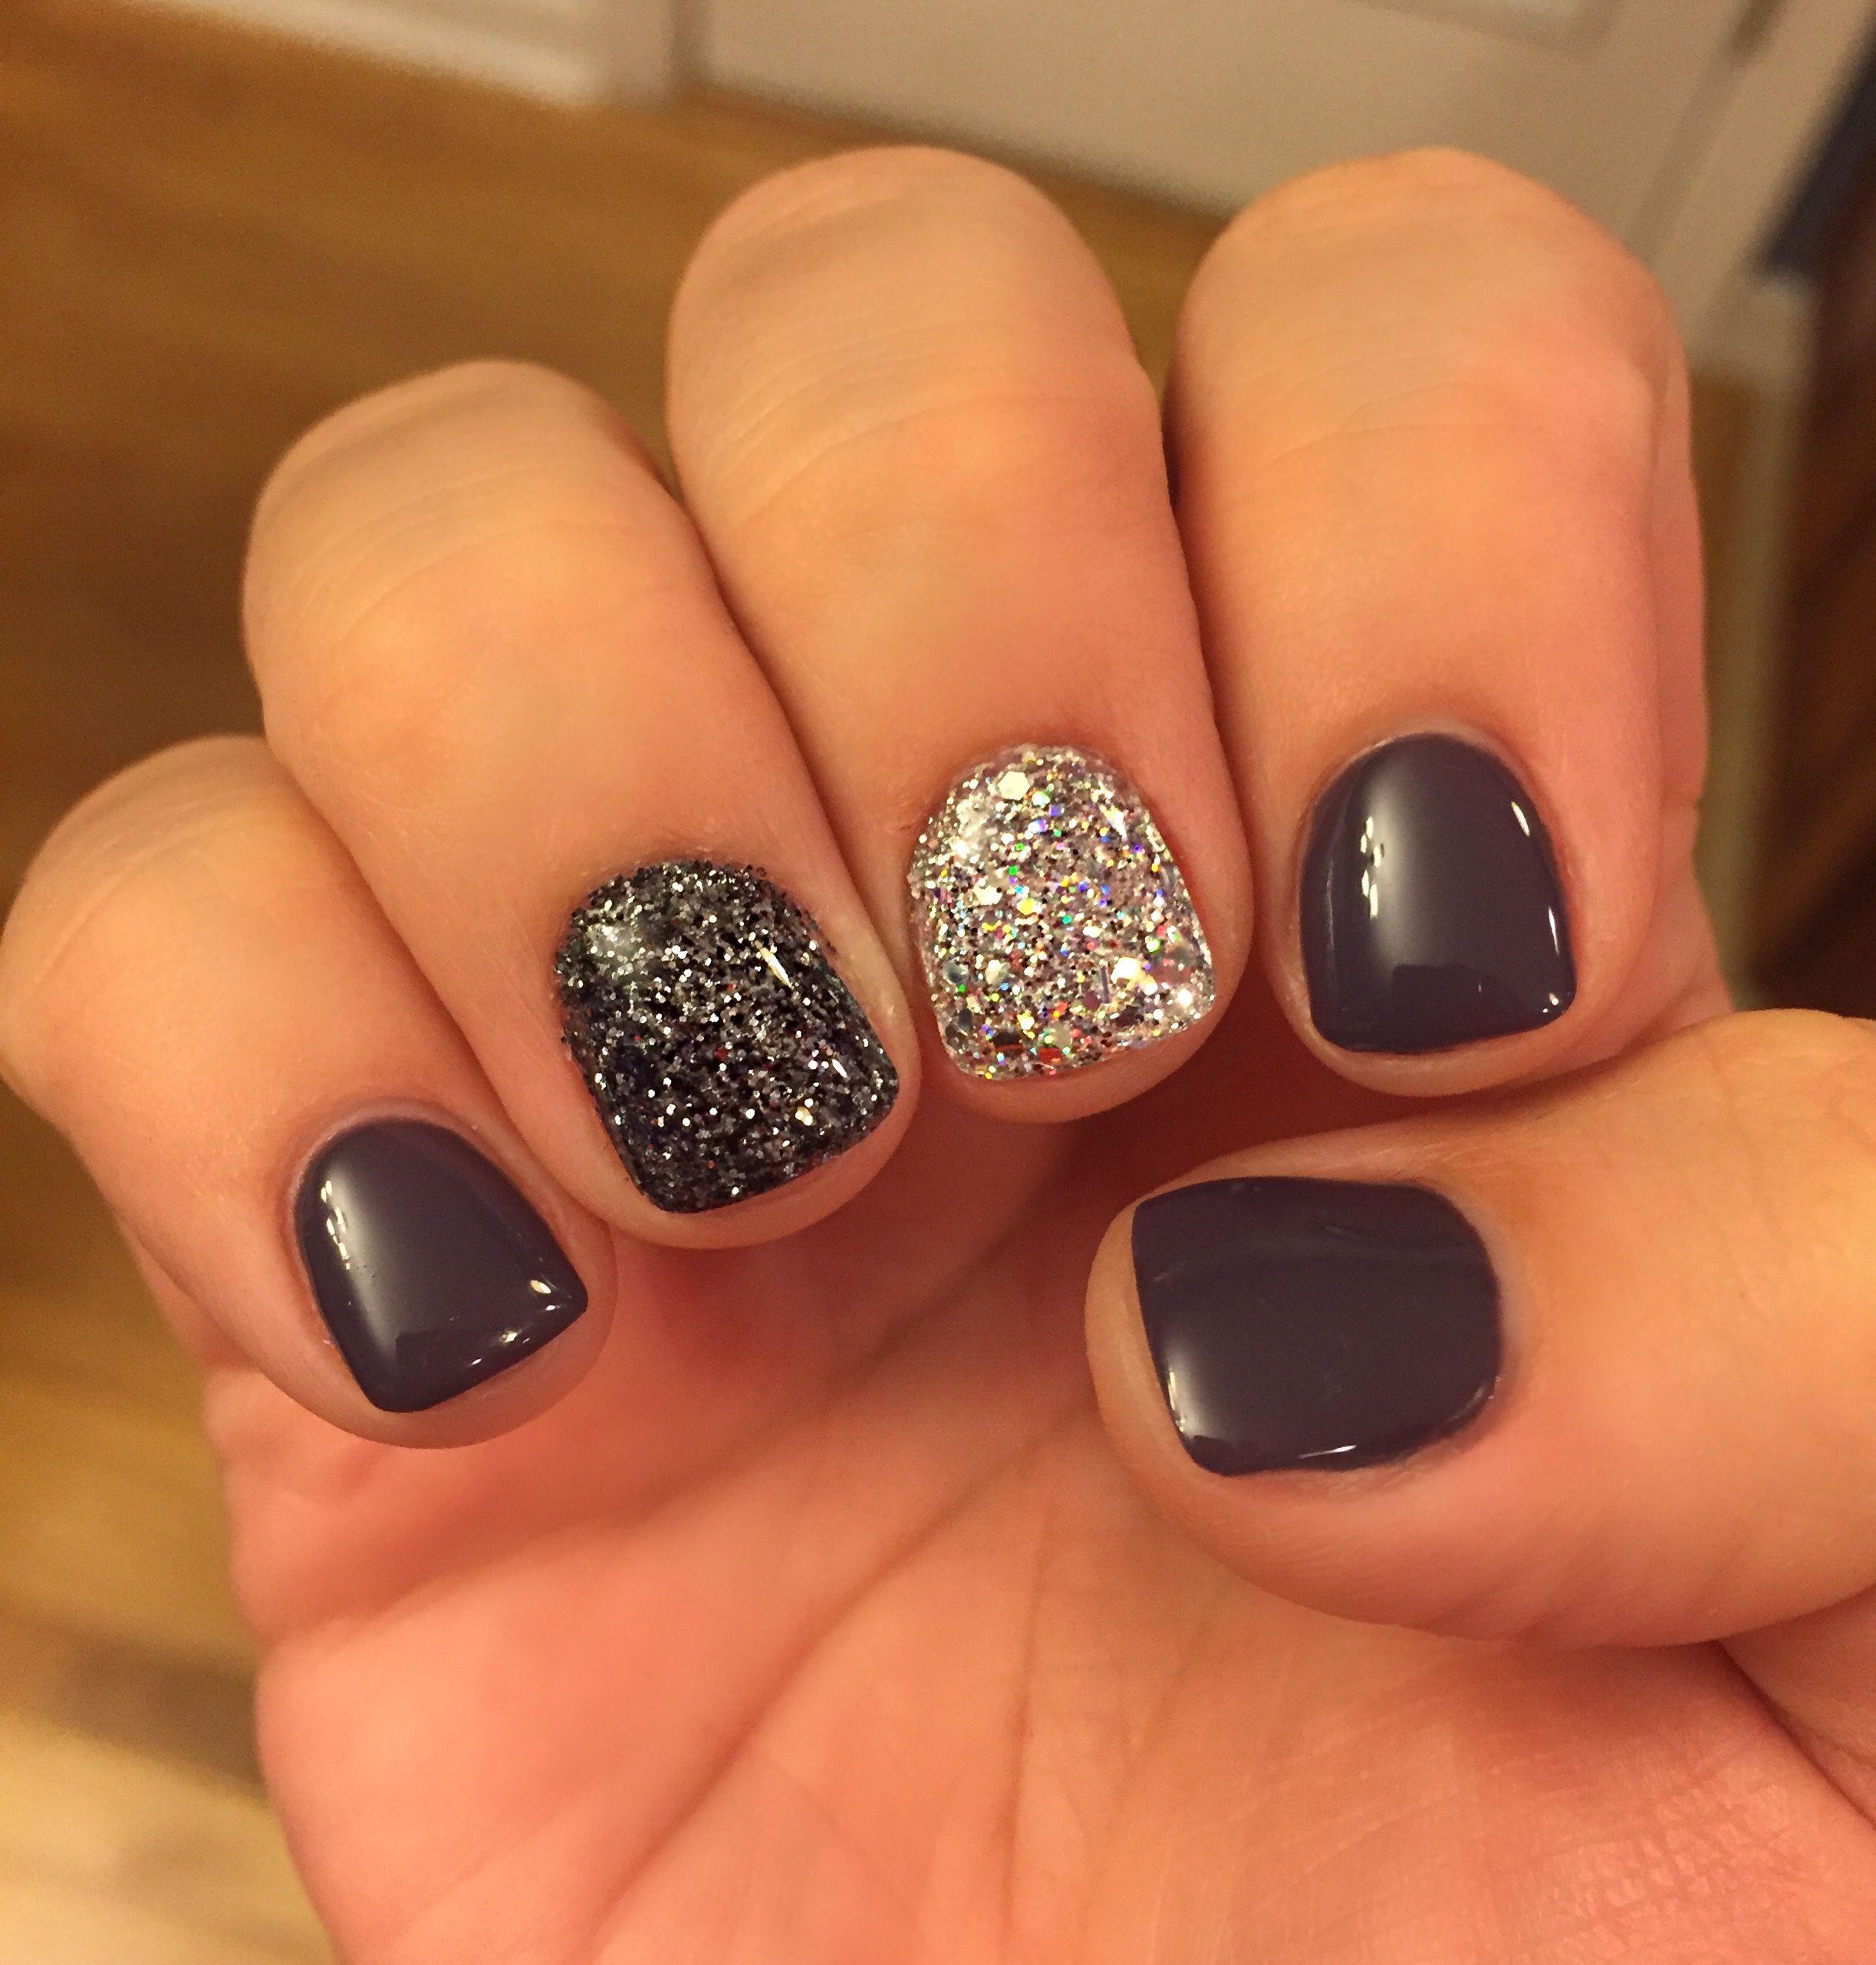 grey gel glitter accent nail art https://www.facebook